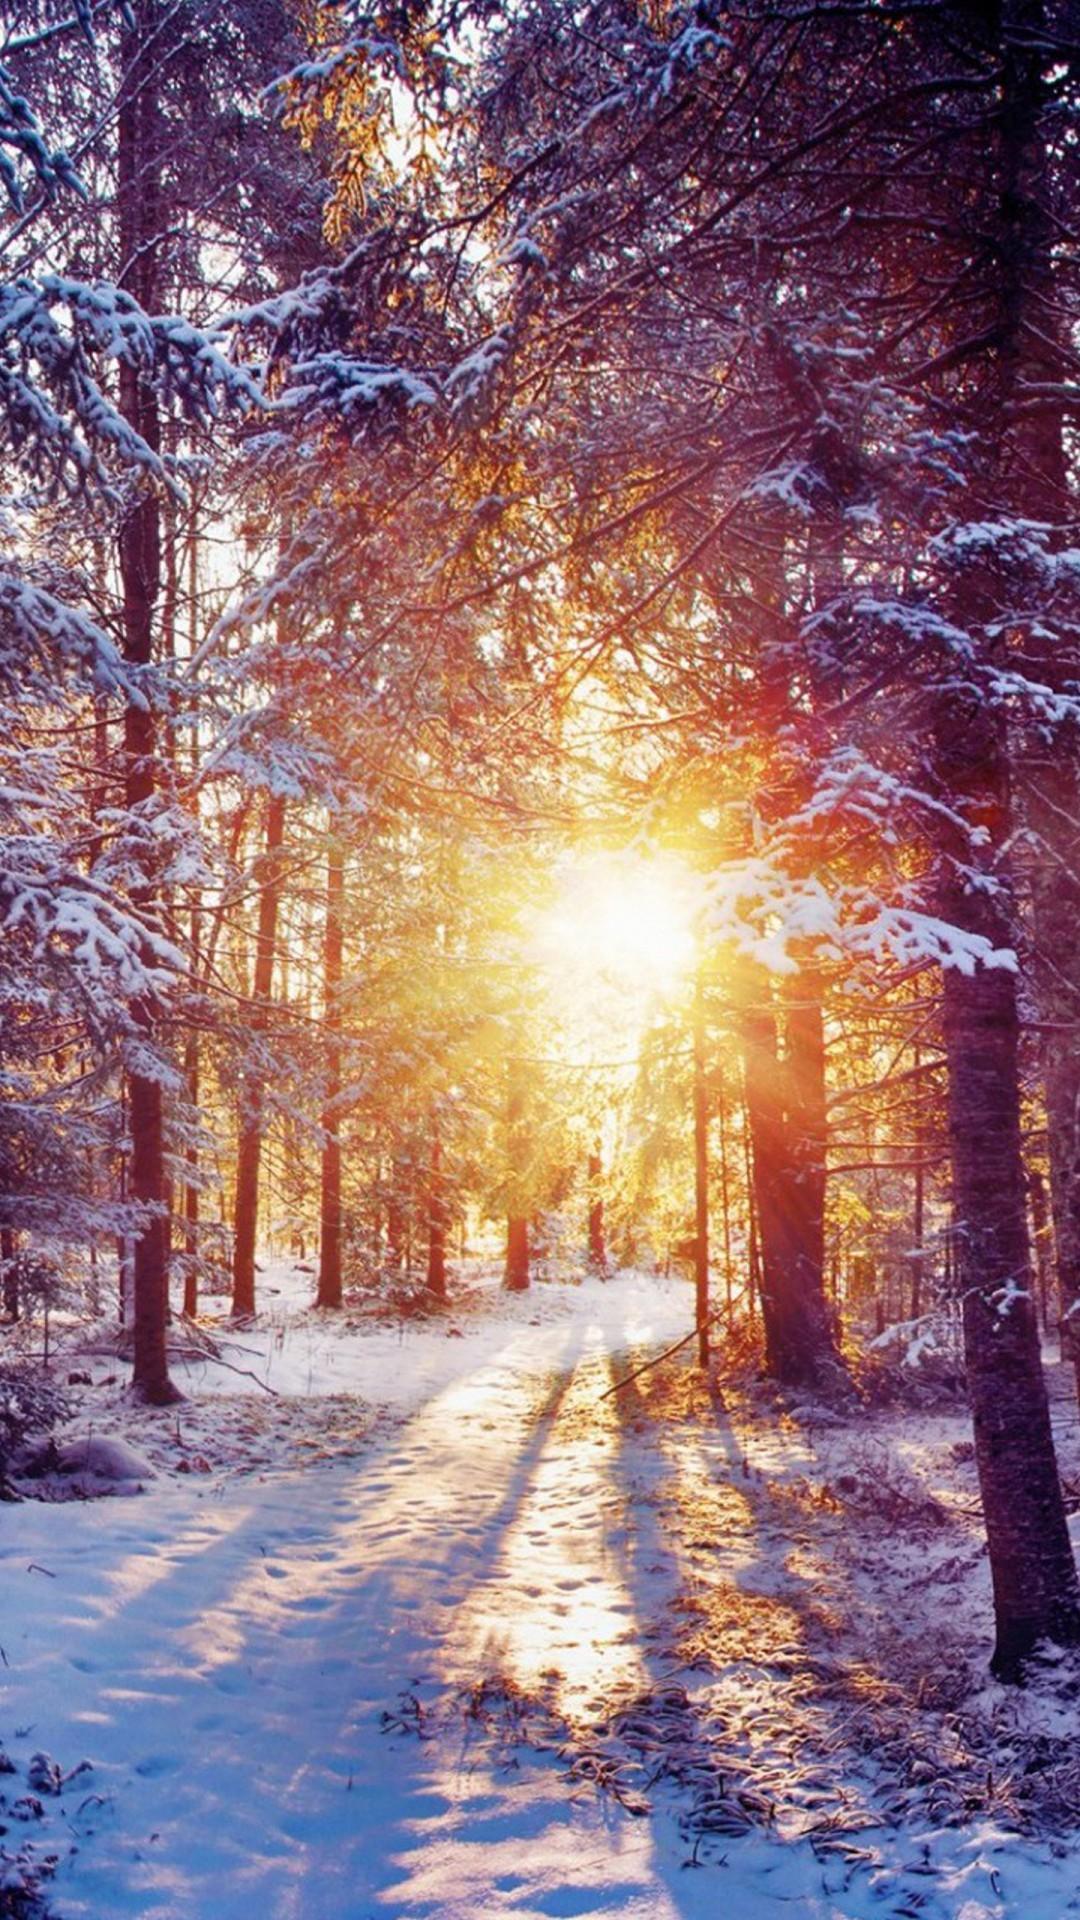 Winter hd wallpapers for iphone 7 wallpapers pictures for Imagenes bonitas para fondo de pantalla